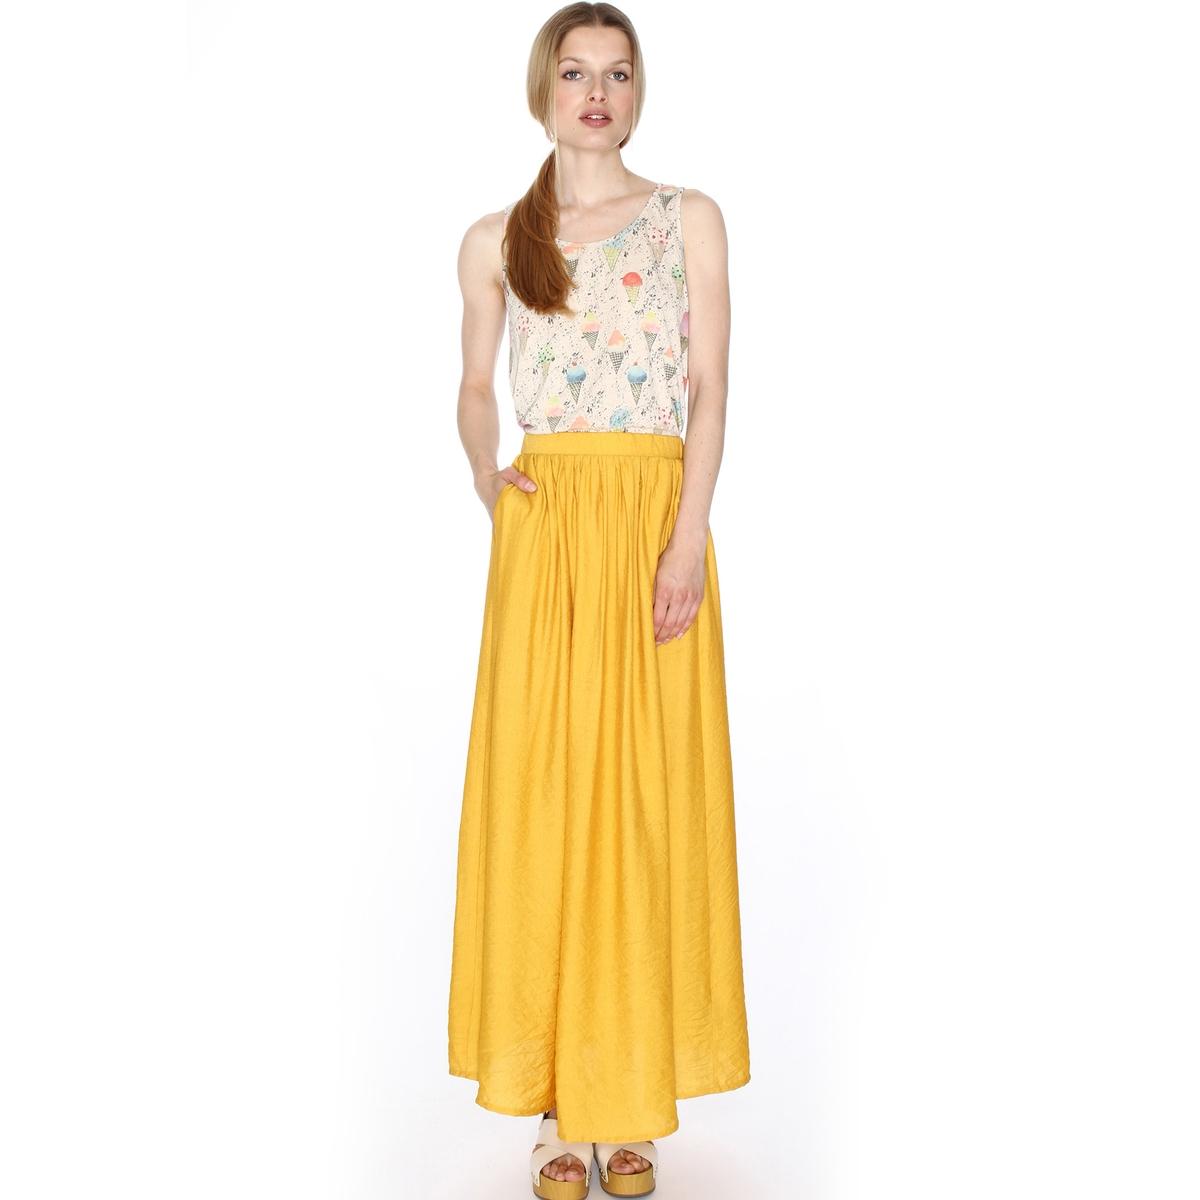 Юбка длинная расклешеннаяМатериал : 45% полиамида, 55% полиэстера Рисунок : Однотонная модель Длина юбки :укороченная модель<br><br>Цвет: желтый горчичный